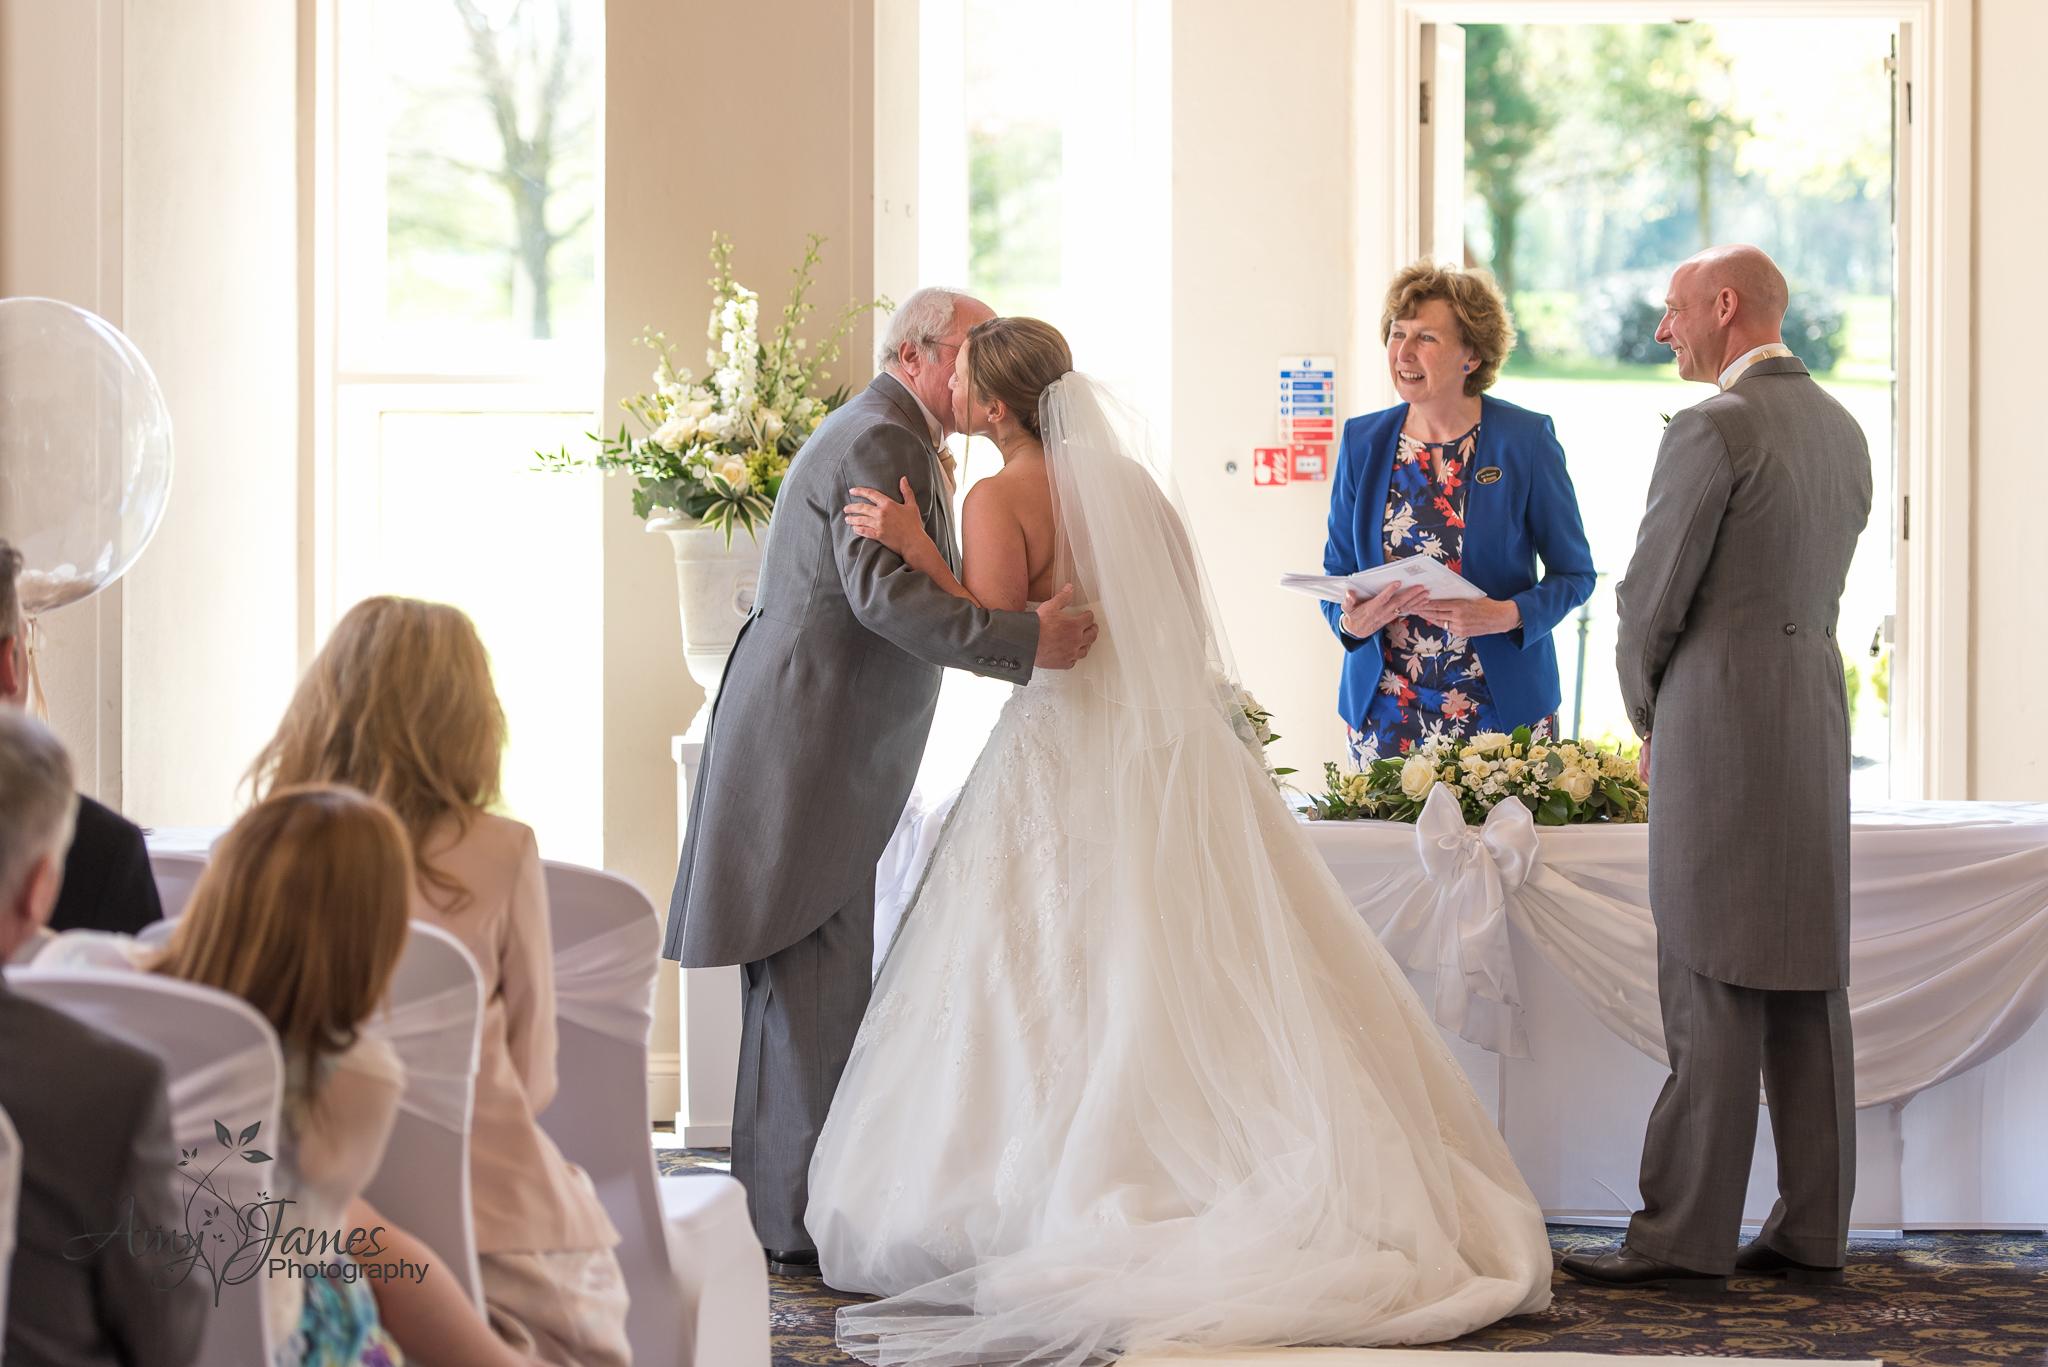 Amy James Photography // Audleys Wood Hotel Wedding // Hampshire Wedding Photographer /